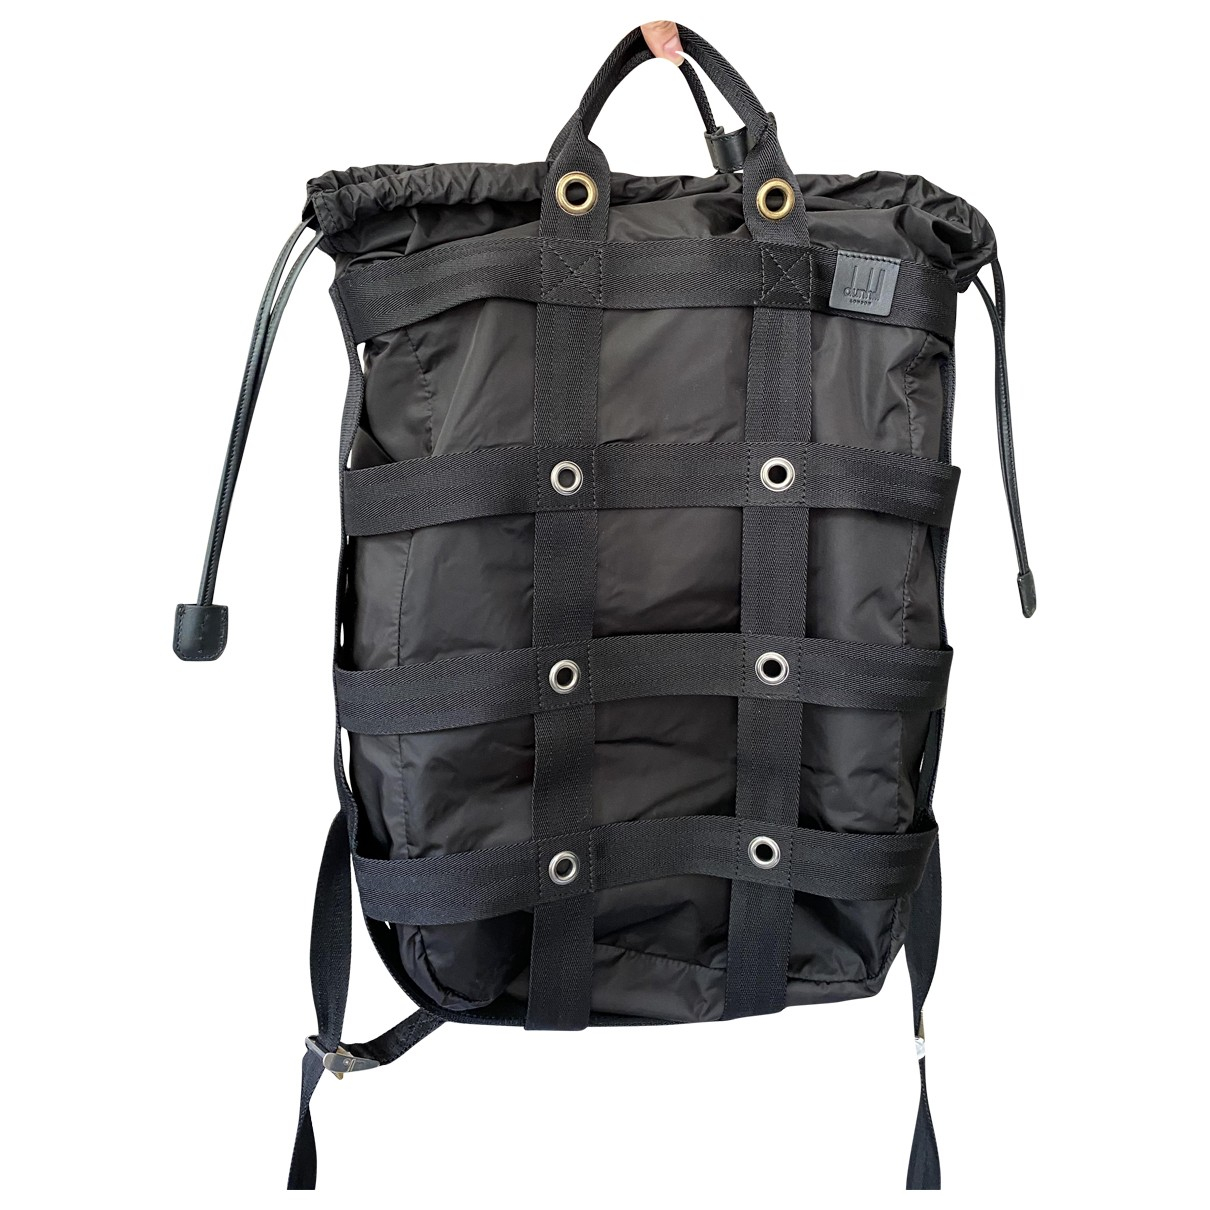 Alfred Dunhill N Black bag for Men N